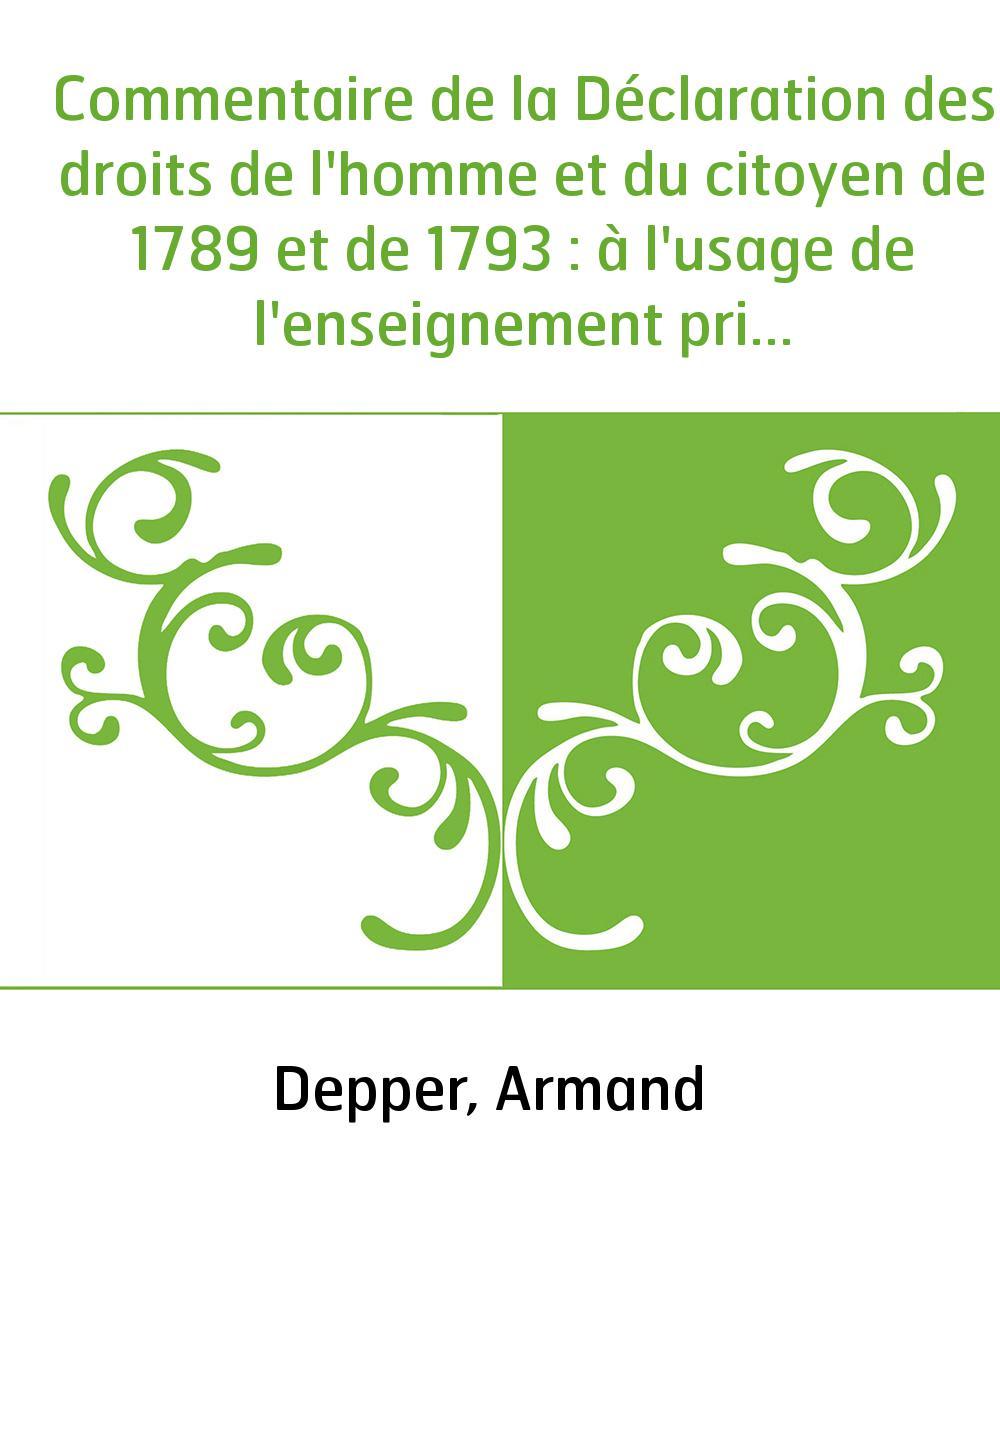 Commentaire de la Déclaration des droits de l'homme et du citoyen de 1789 et de 1793 : à l'usage de l'enseignement primaire, des